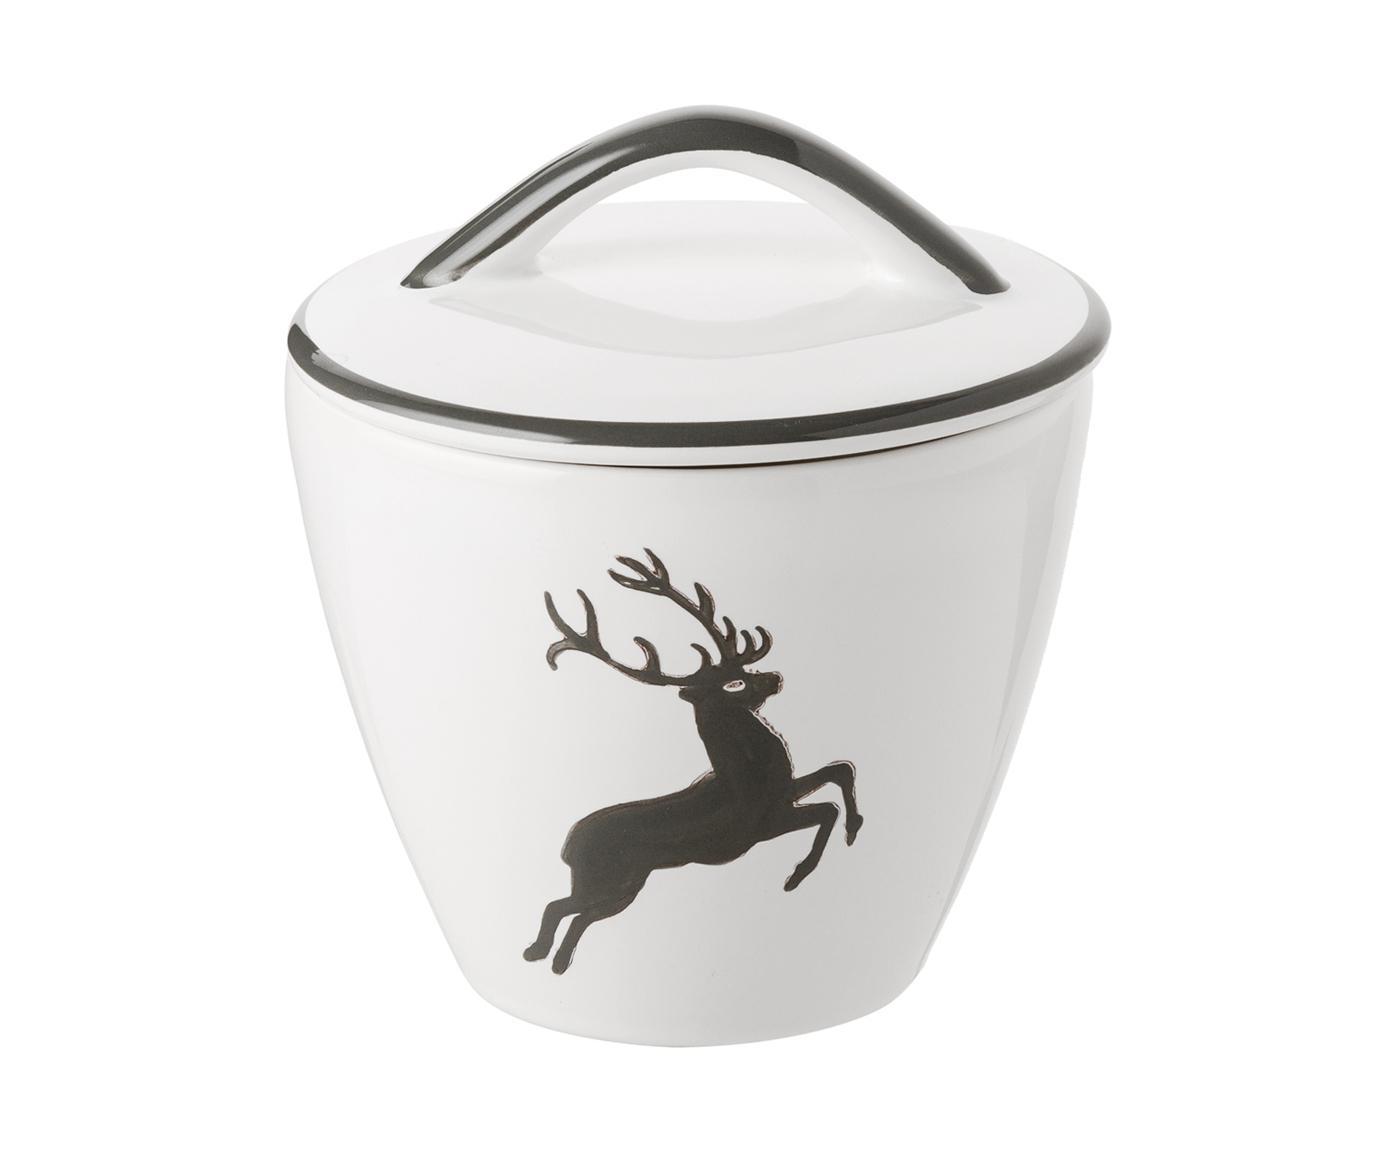 Suikerpot gourmet Grey Deer, Keramiek, Grijs, wit, Ø 9 cm